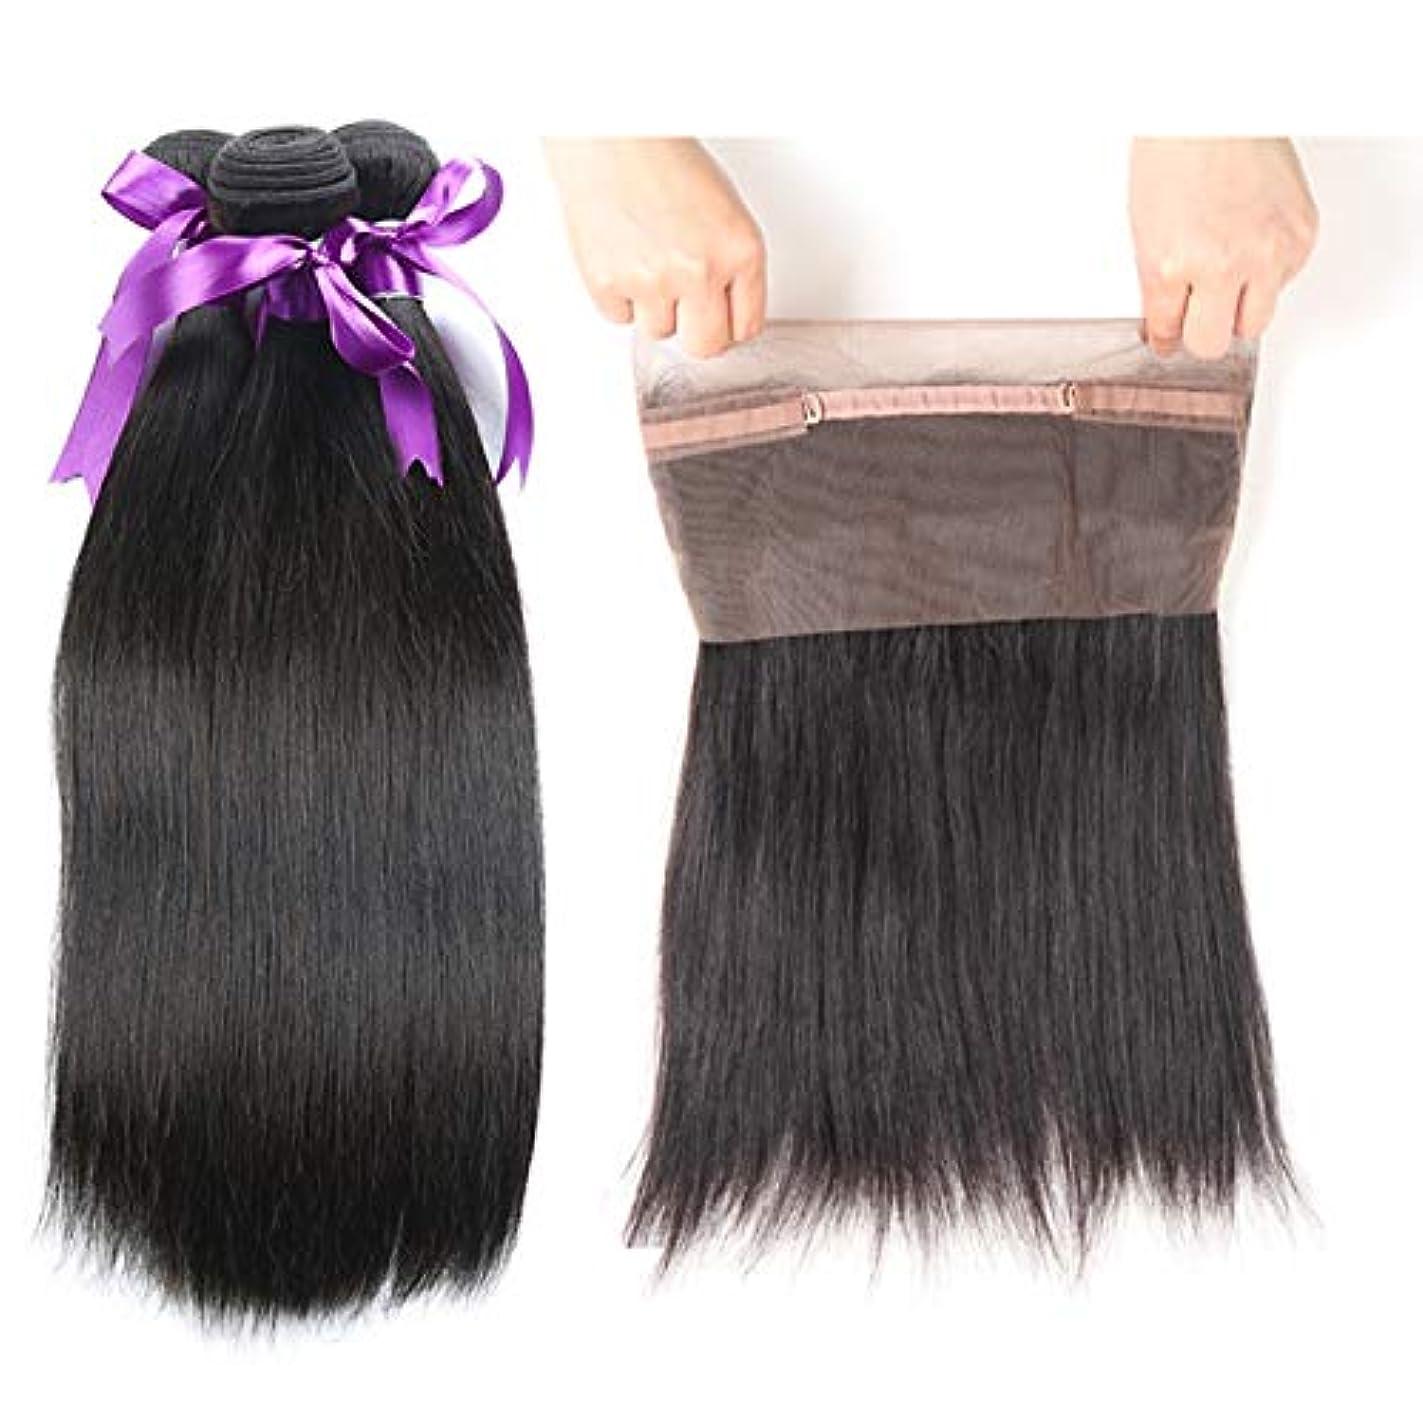 暗くする認識振りかけるかつら ペルーのストレートボディーヘア360束前頭閉鎖3束人間の髪の毛の束閉鎖Non-Remy (Length : 22 24 26 Closure18)